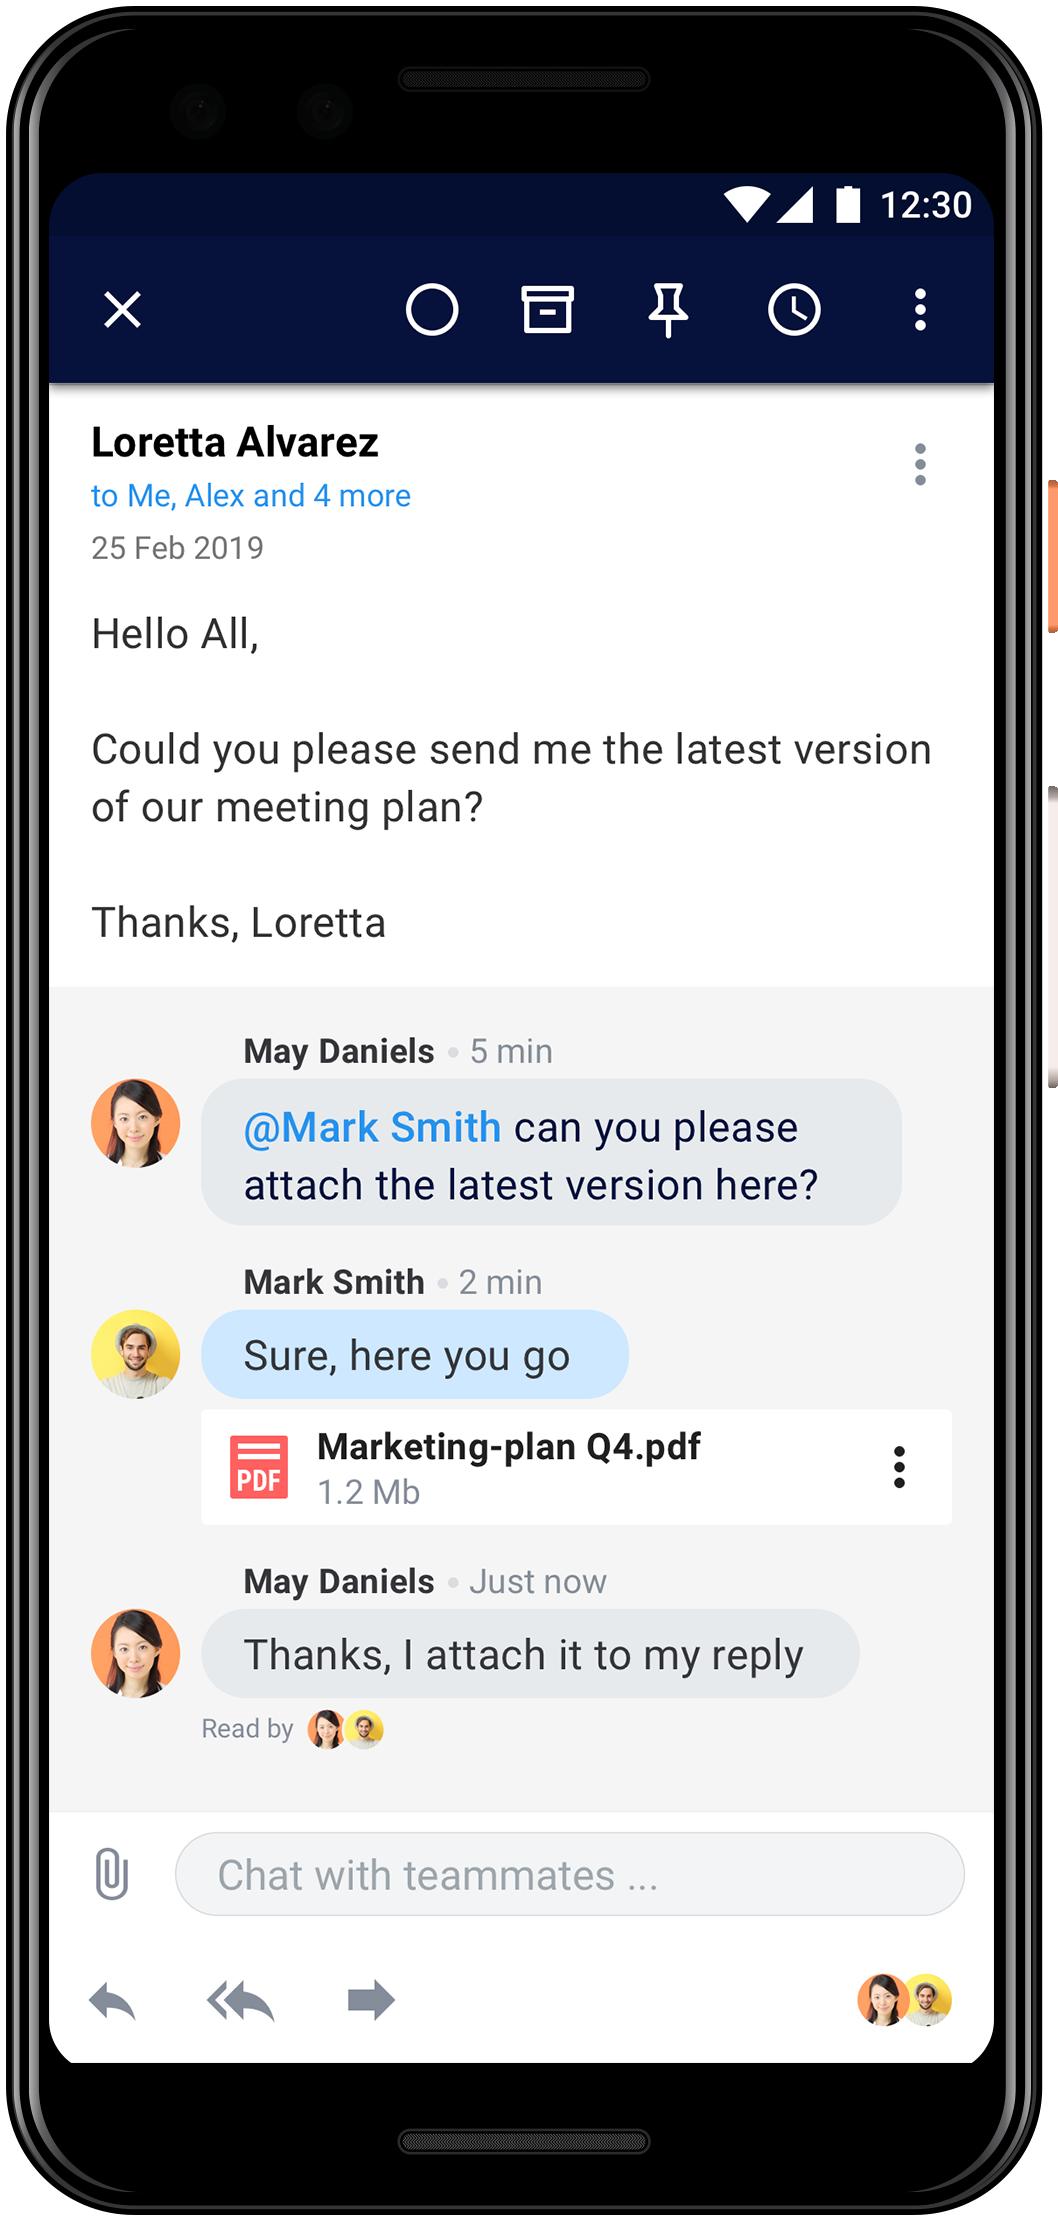 Популярный Email-клиент Spark вышел для Android4